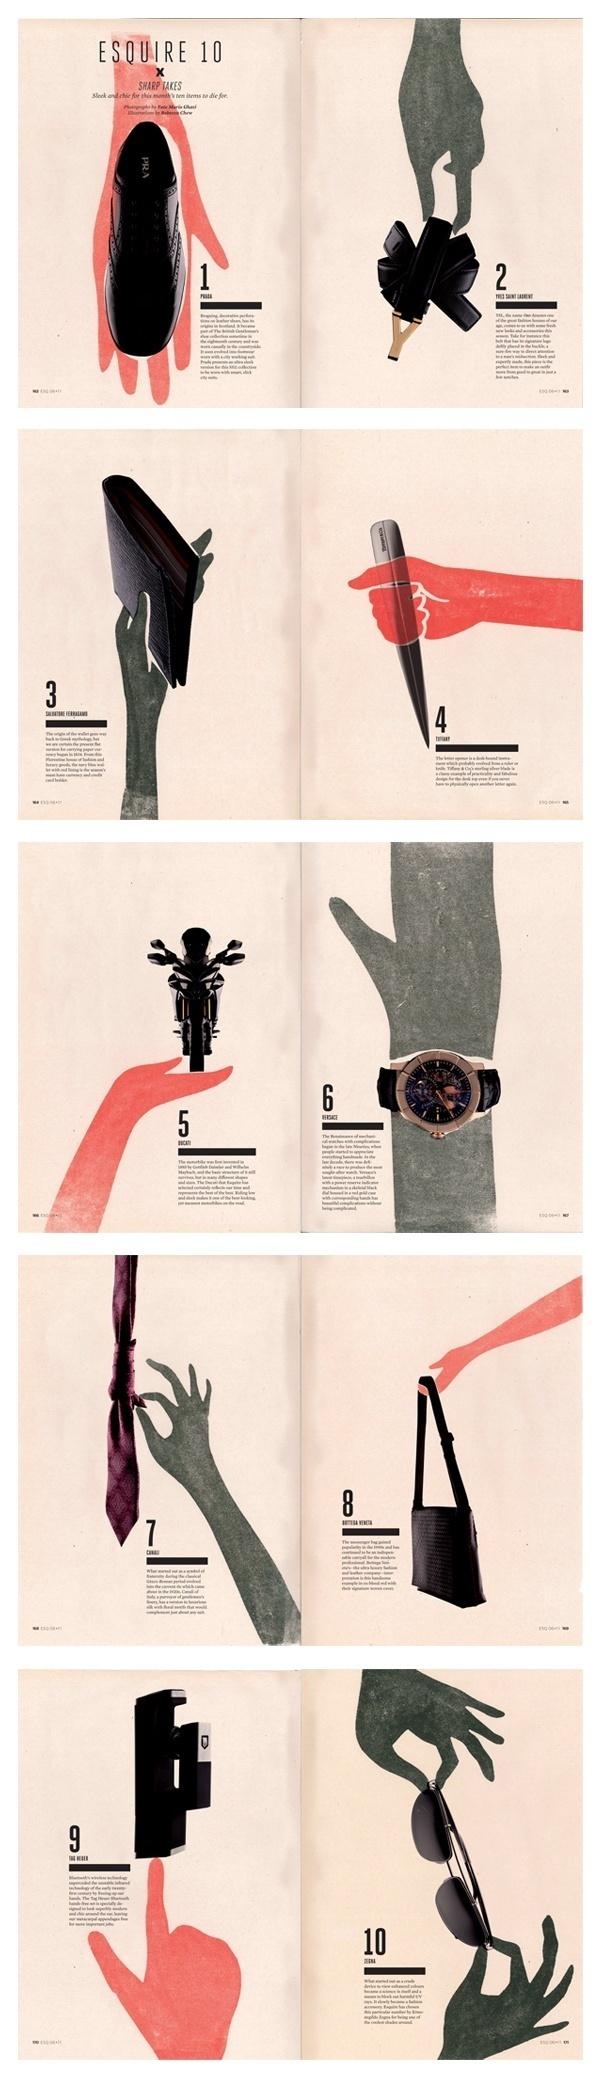 Off figure Magazine Layout Photo & Illustration merged. Wow. #fashion #esquire #editorial #magazine